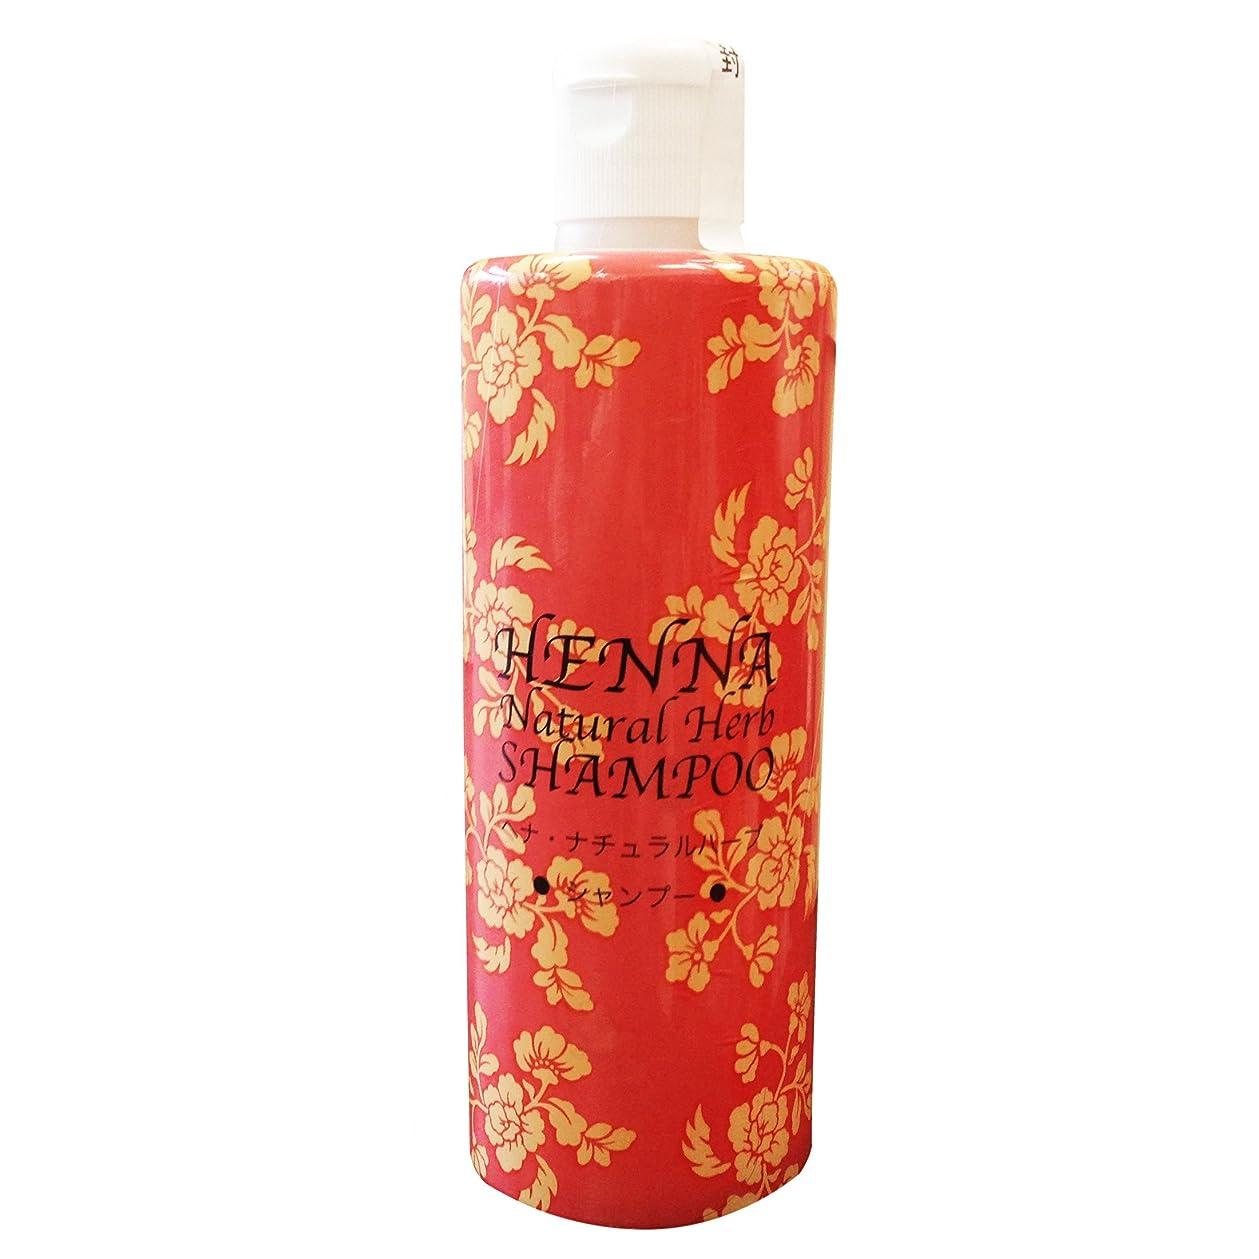 自分の力ですべてをするブラジャー適度にHENNA Natural Herb SHAMPOO へナ ナチュラル シャンプー?ブラウン 3本セット